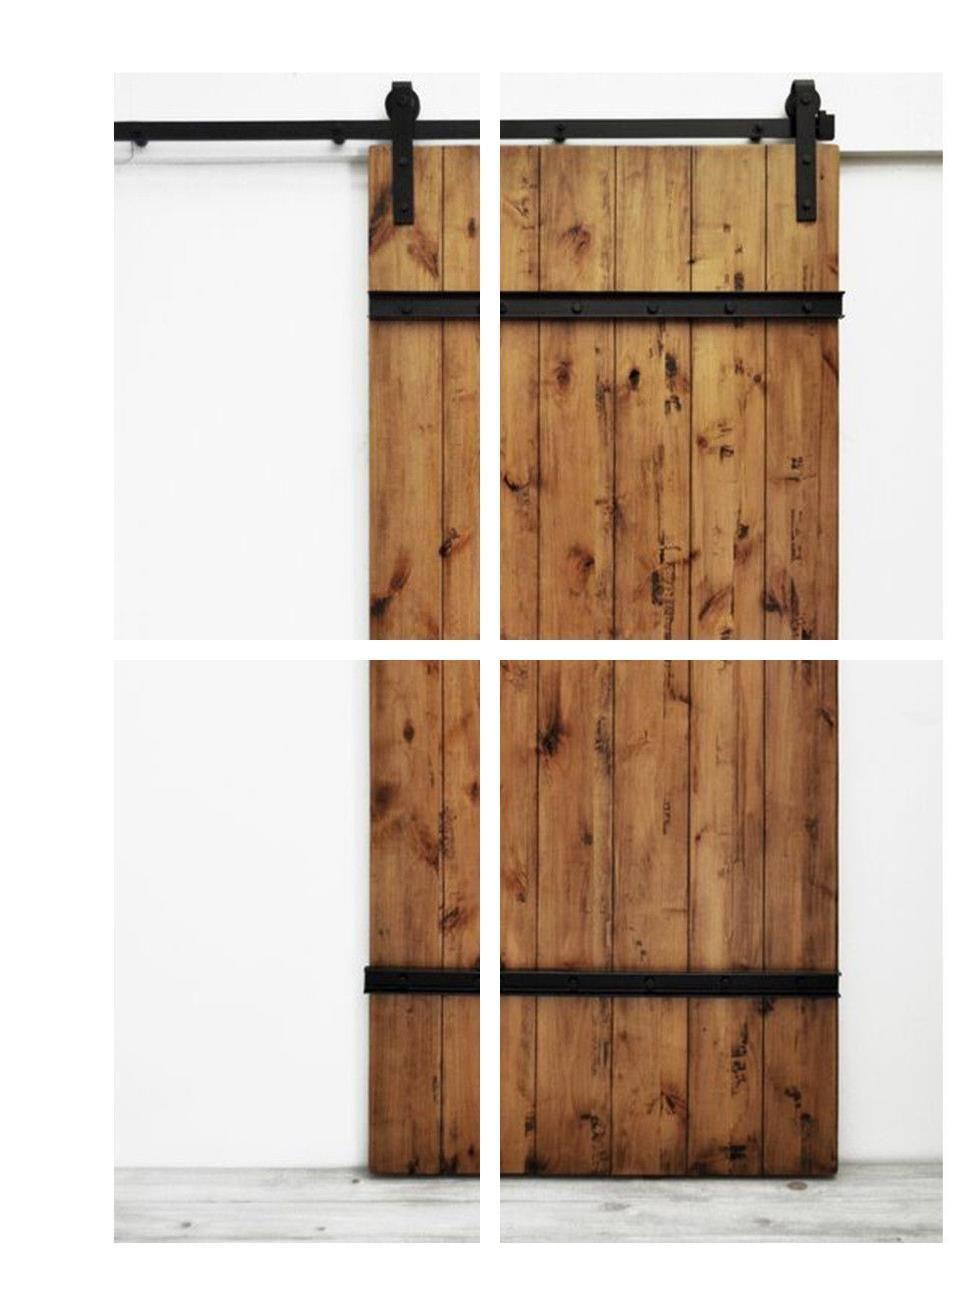 Flat Panel Interior Doors Patio Doors 4 Foot Wide Interior Door With Images Interior Barn Doors Glass Barn Doors Barn Doors Sliding